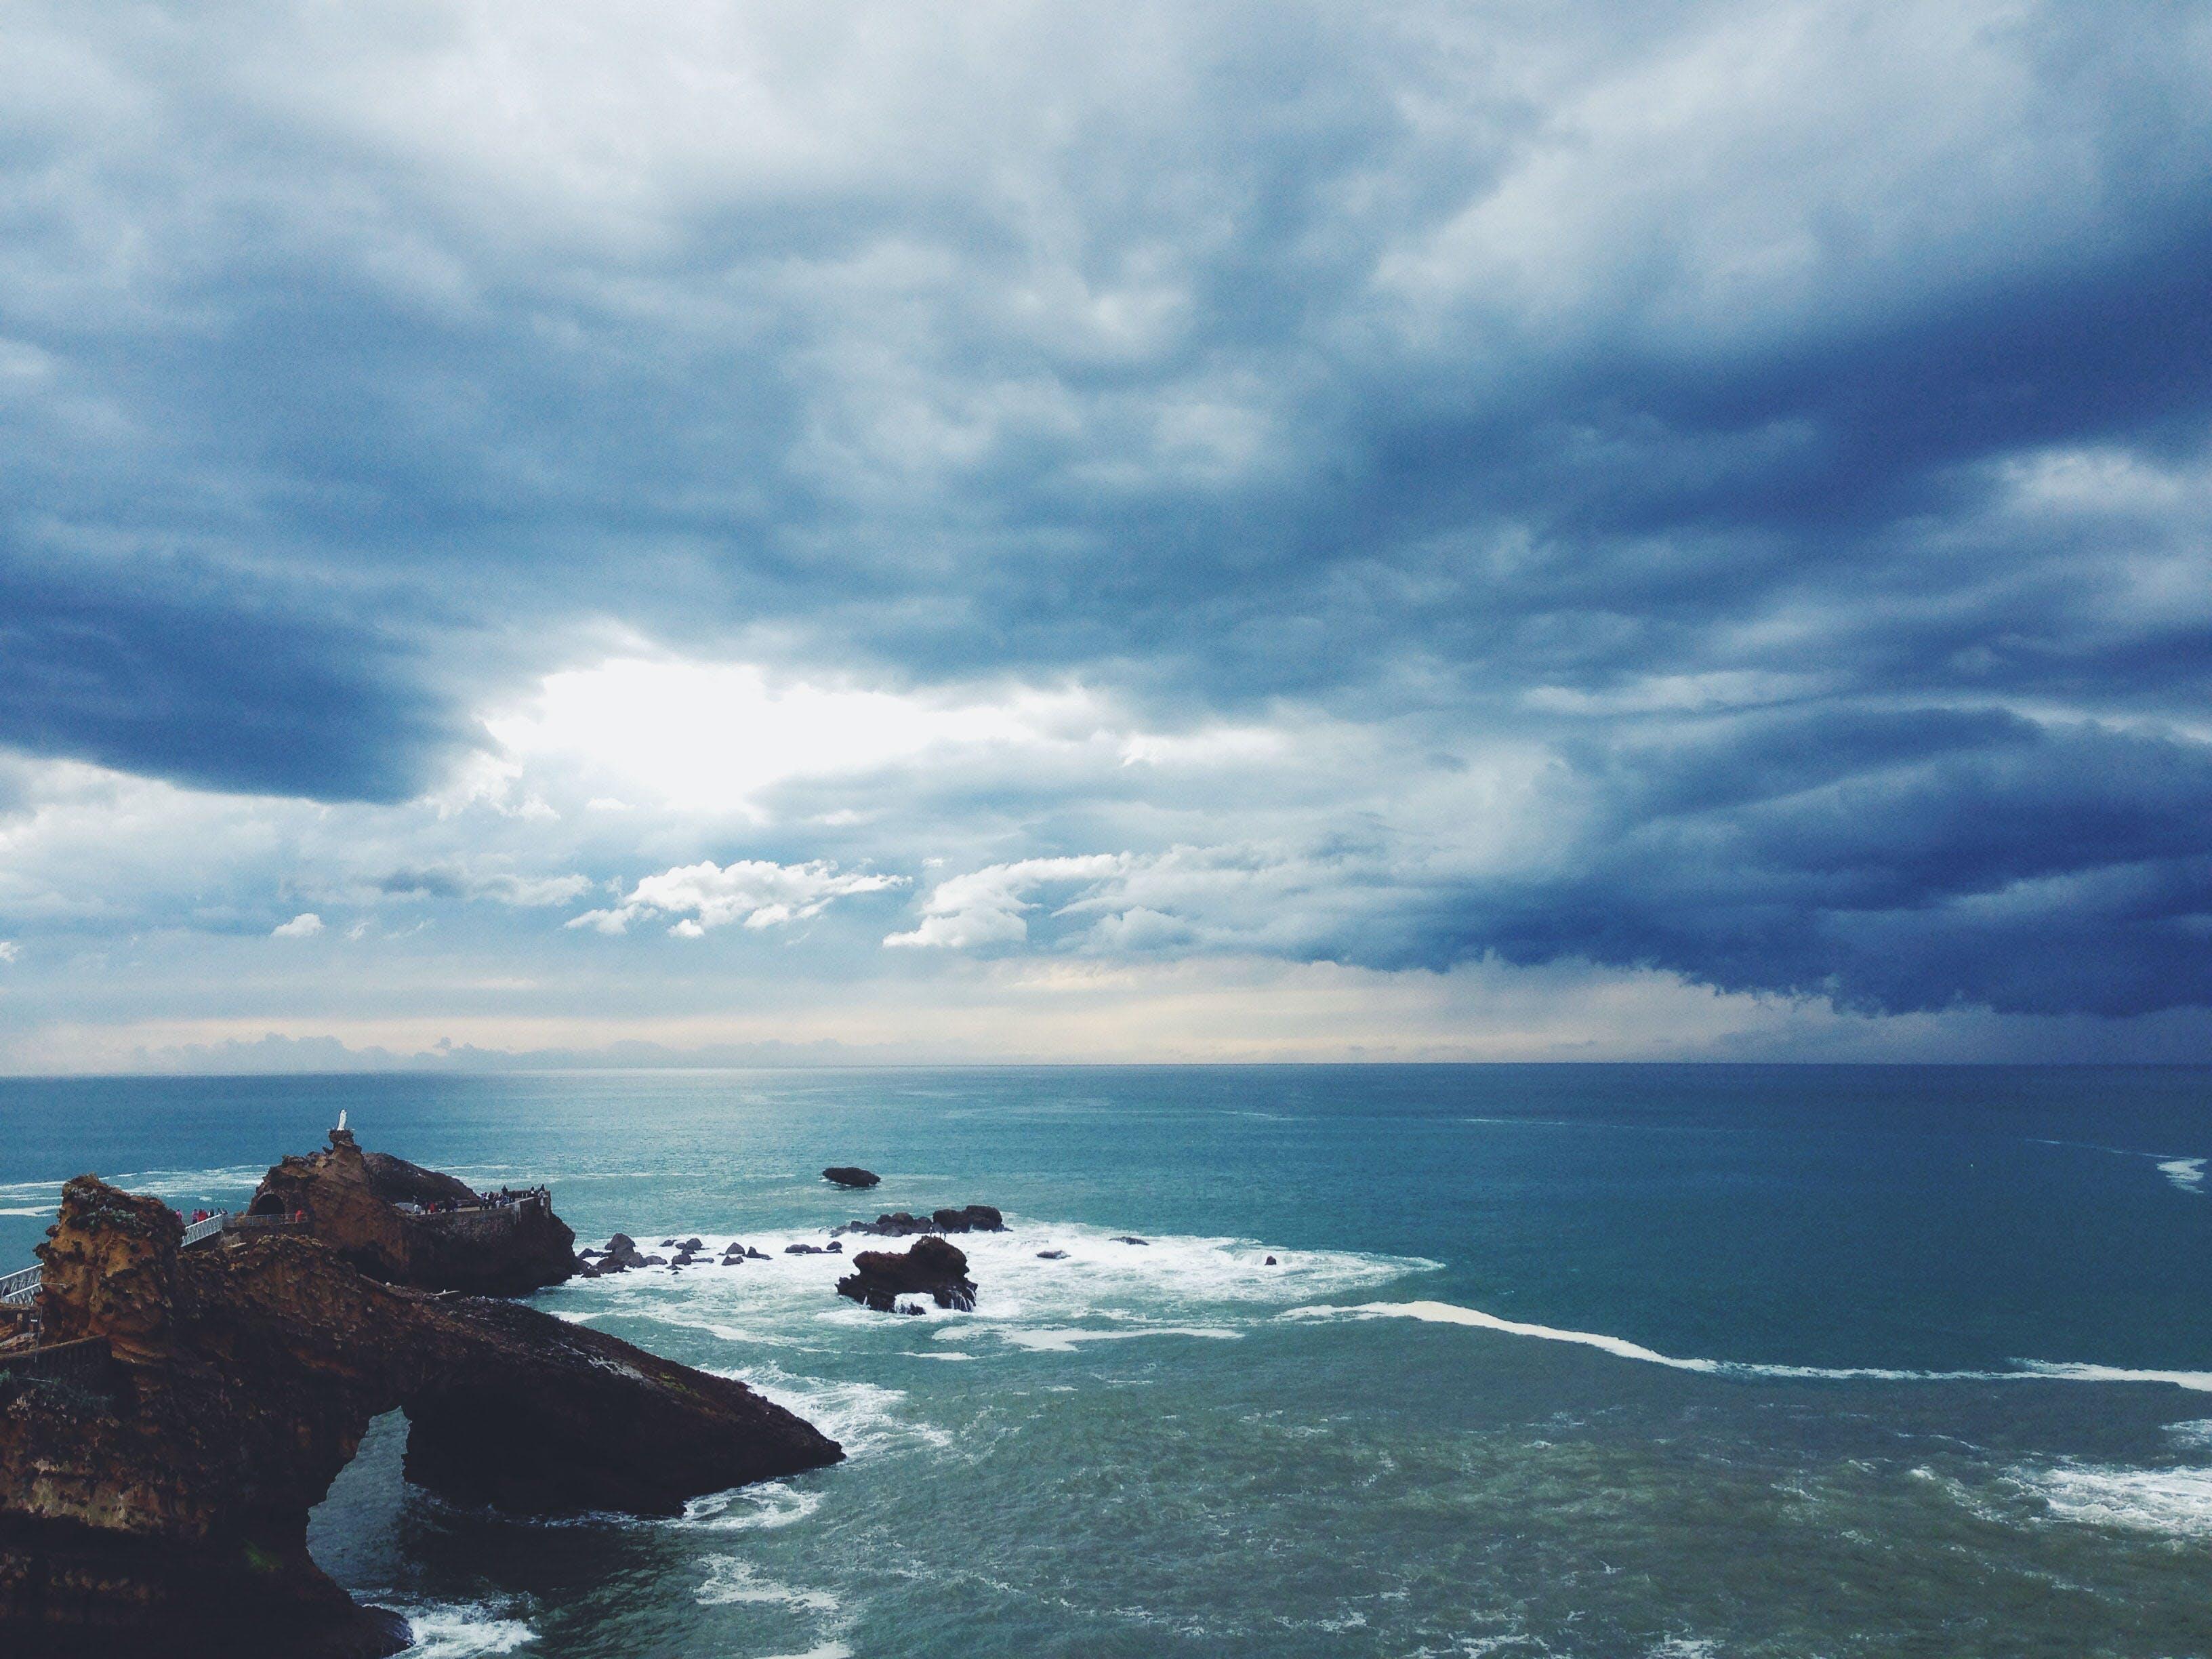 岩, 暗雲, 曇り, 海の無料の写真素材